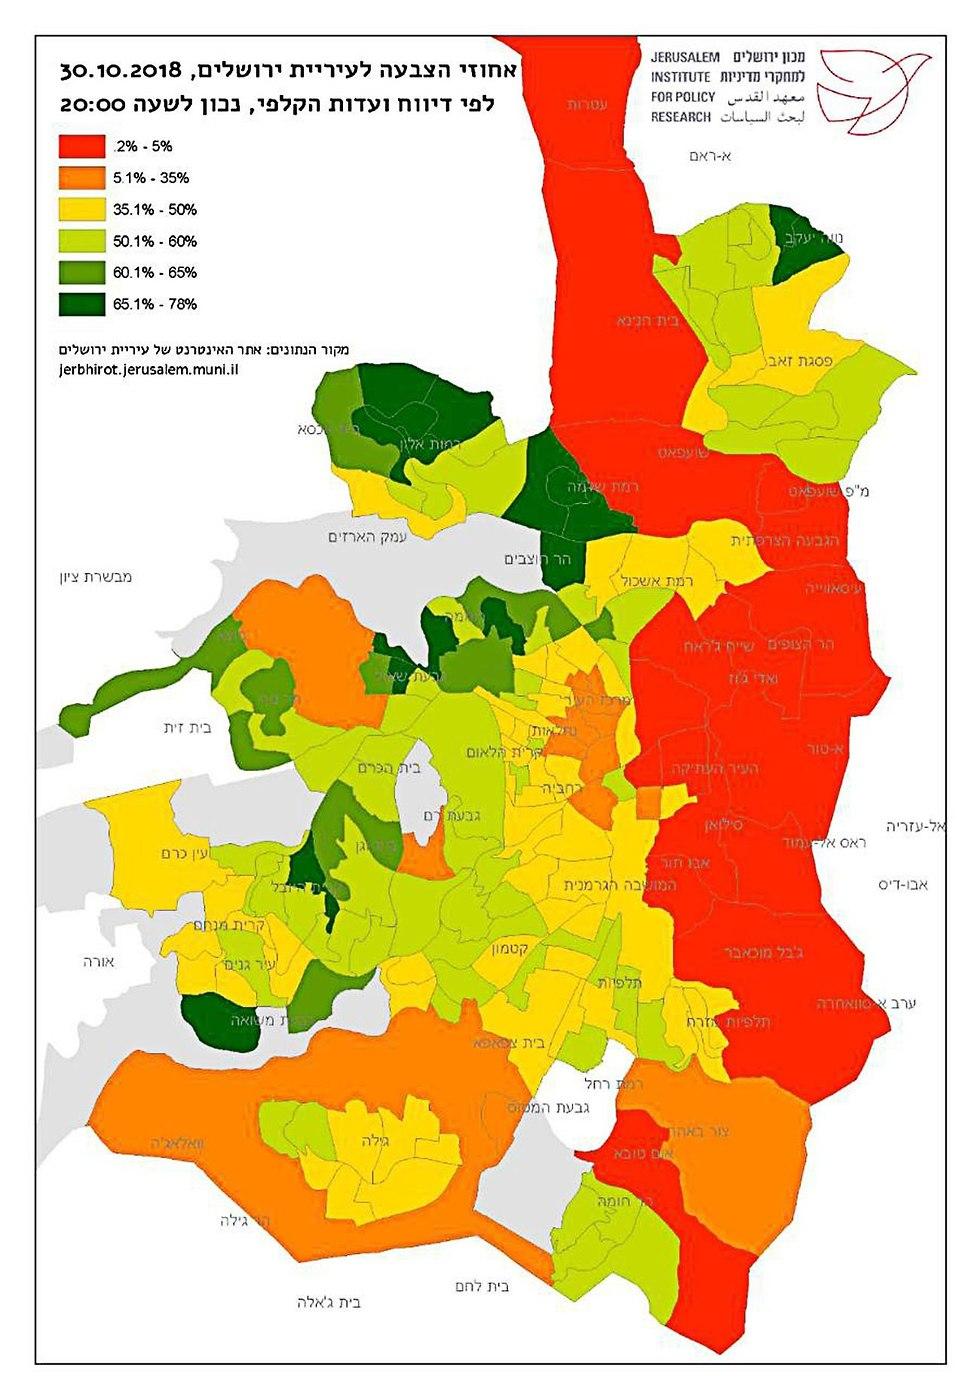 מפת מיפוי אחוזי הצבעה בירושלים (צילום: באדיבות מכון ירושלים למחקרי מדיניות)